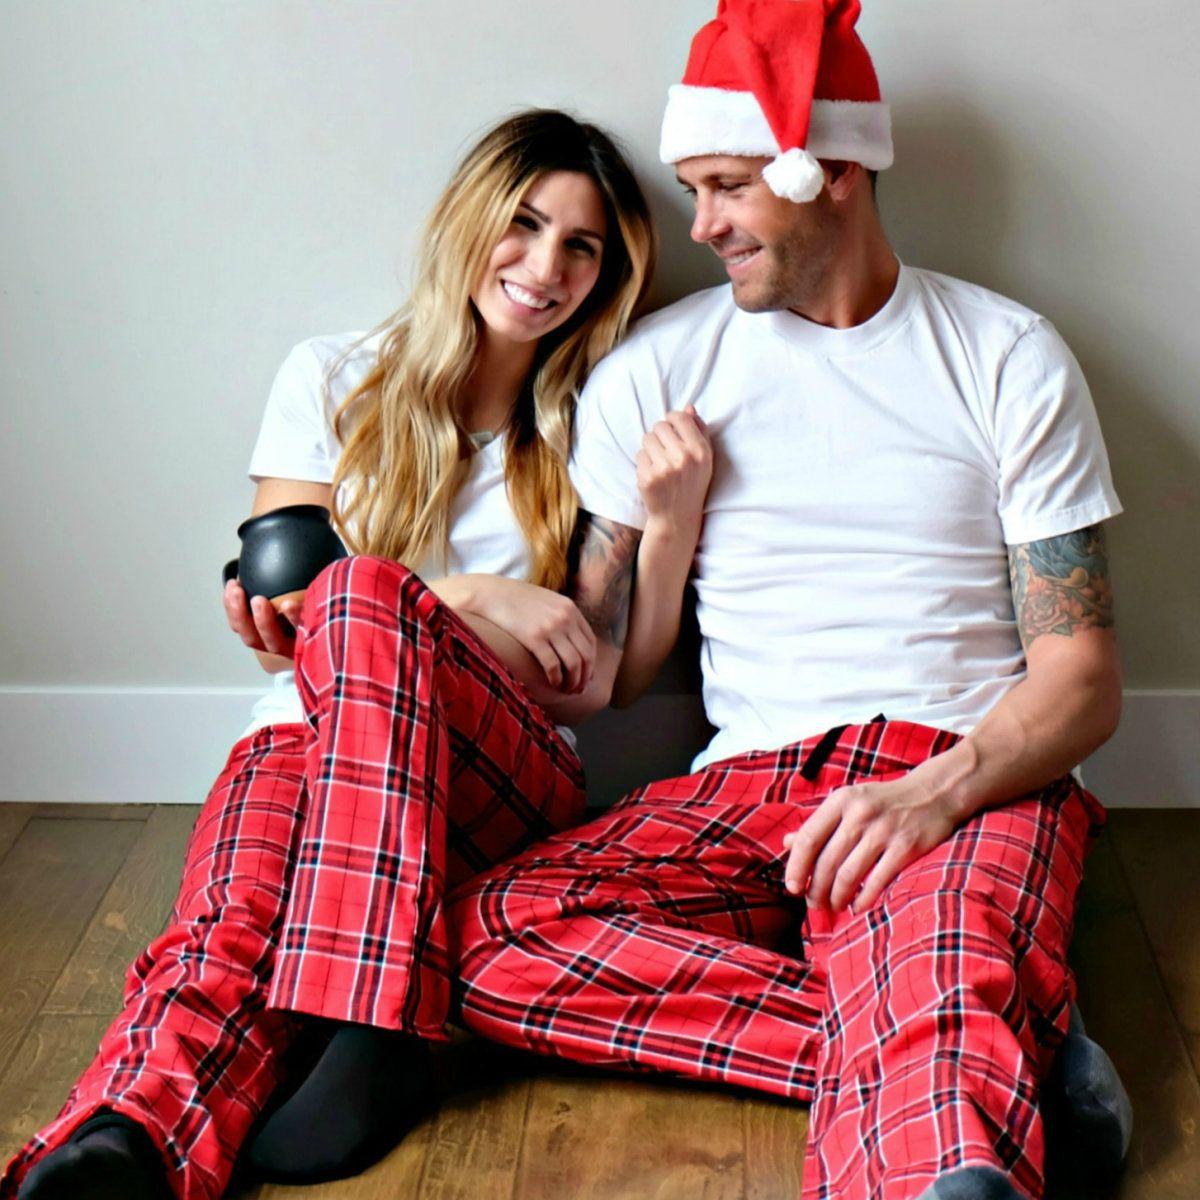 His And Hers Matching Christmas Pajamas: Flannel Christmas Pajamas